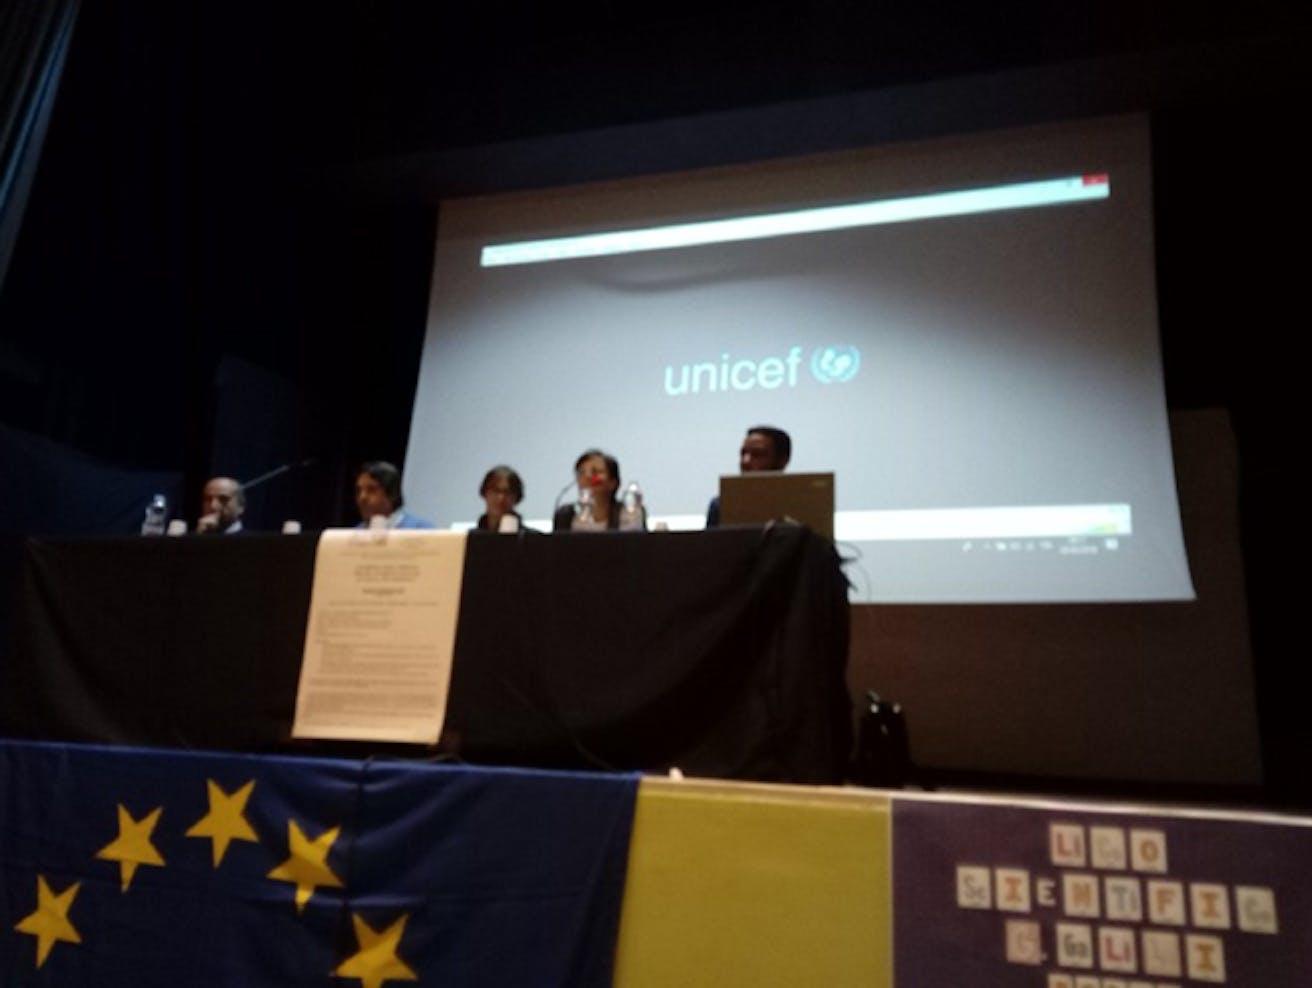 La proiezione a Potenza al Liceo Scientifico Galilei durante il convegno del CESP